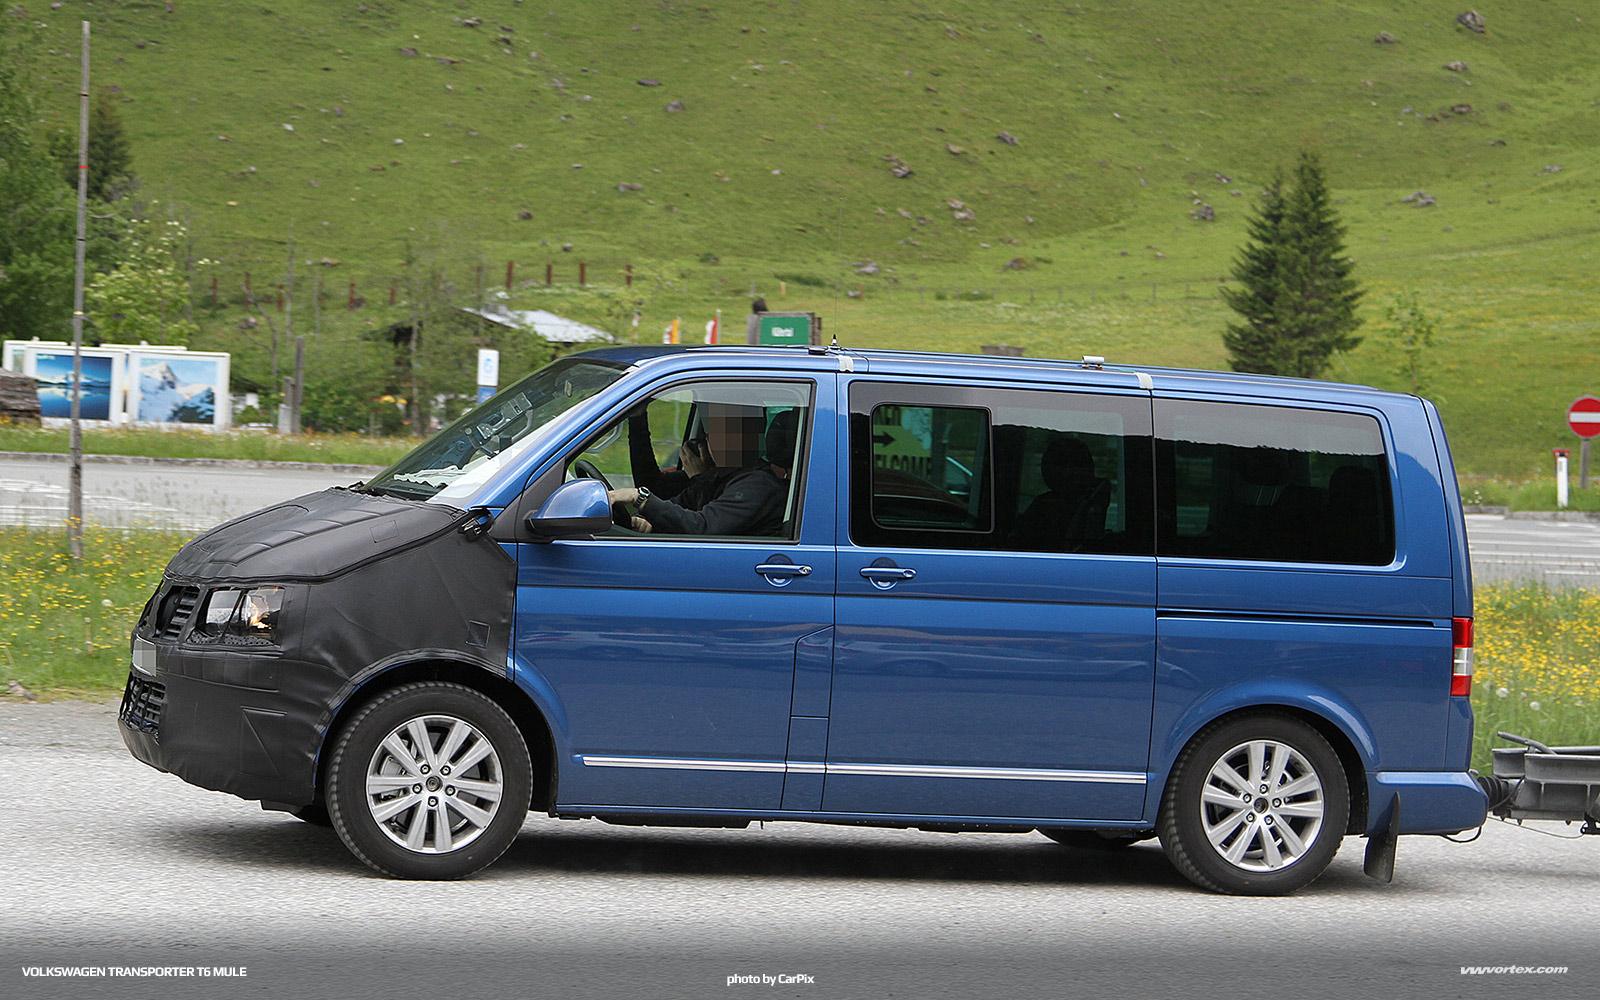 Volkswagen-Transporter-T6-mule-364